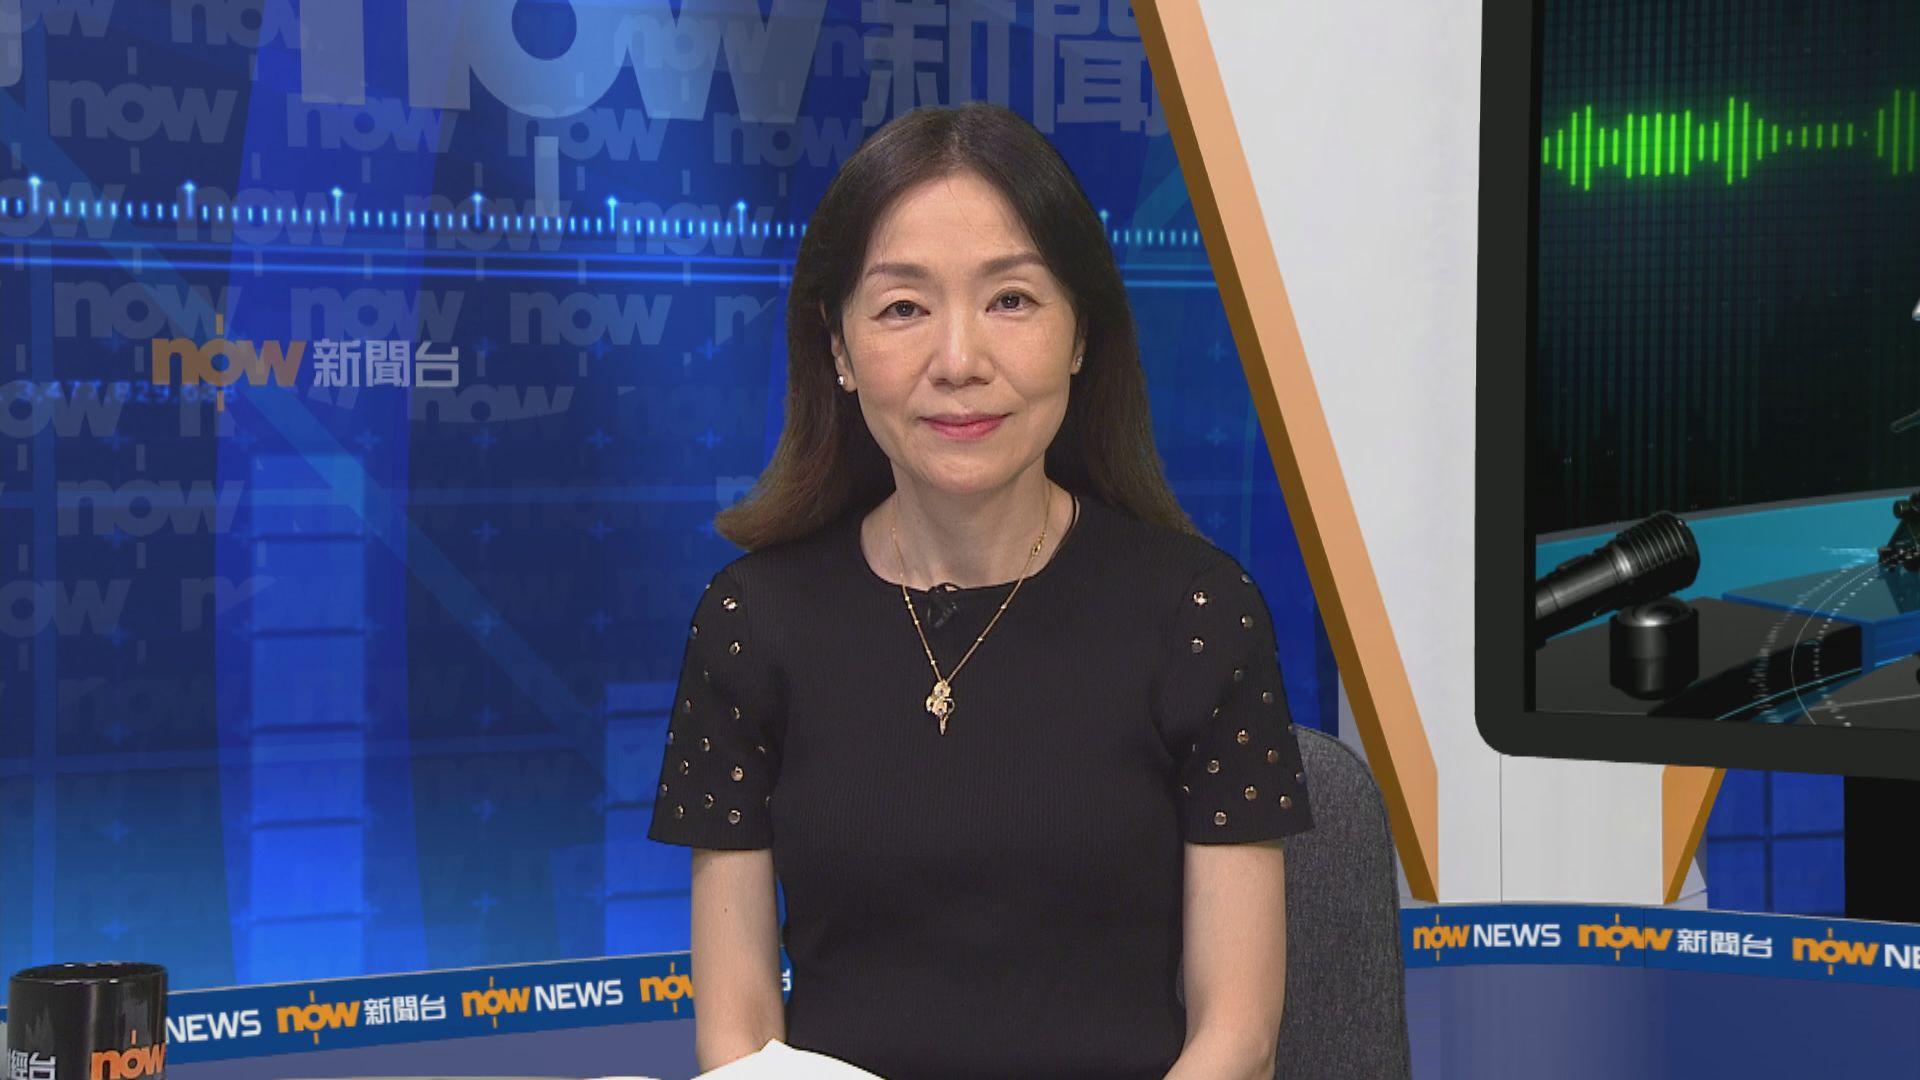 葉巧琦:港區國安法被告不得保釋 憂人權受限制